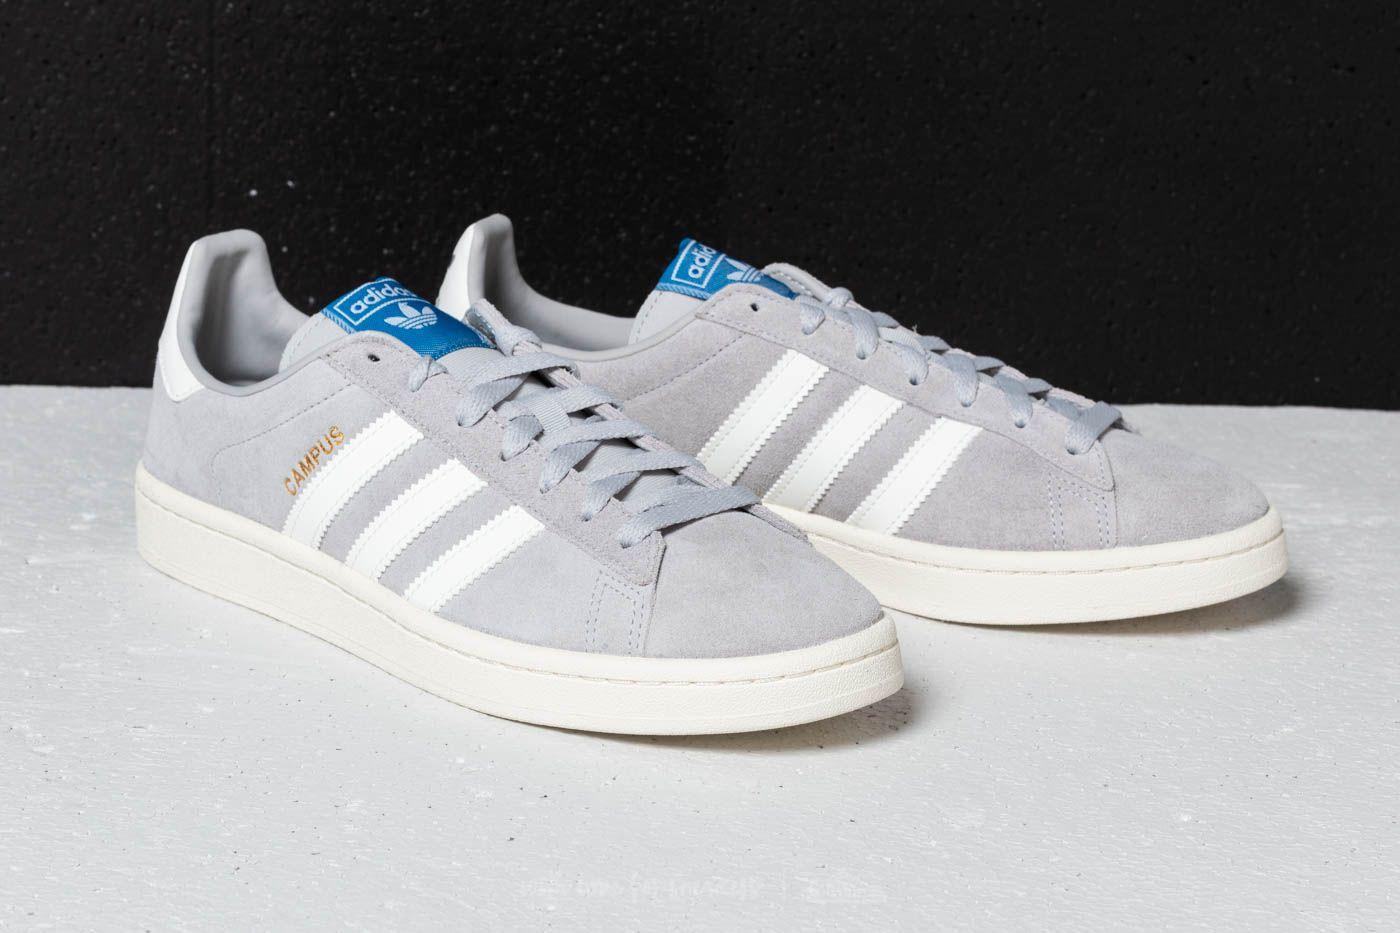 Pinchazo télex Enciclopedia  Men's shoes adidas Campus Grey Two/ Cloud White/ Chalk White | Footshop